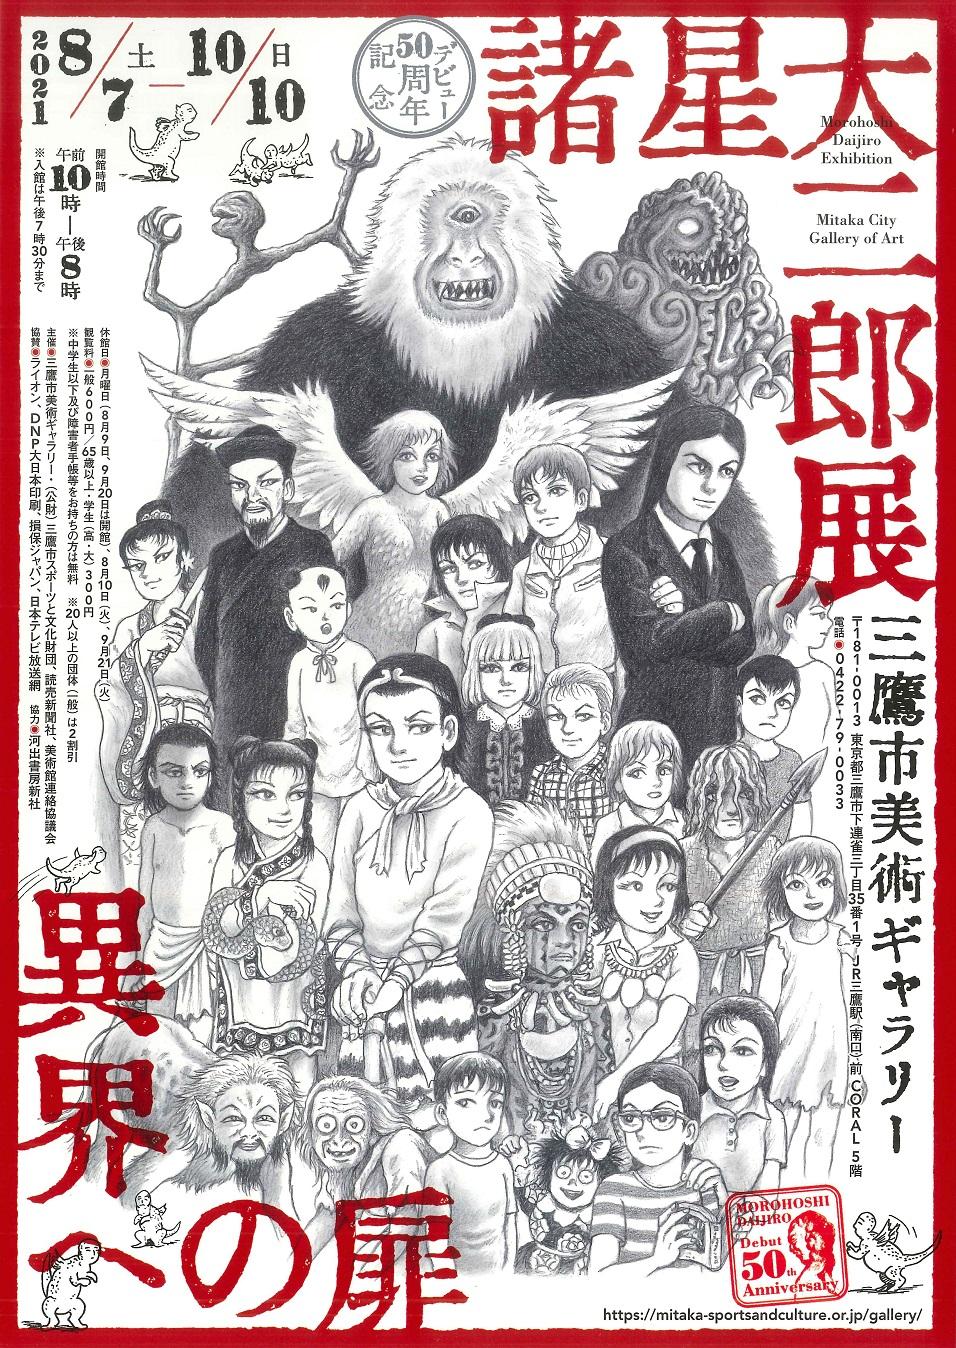 デビュー50周年記念 諸星大二郎展<br>異界への扉<br>(三鷹市美術ギャラリー)